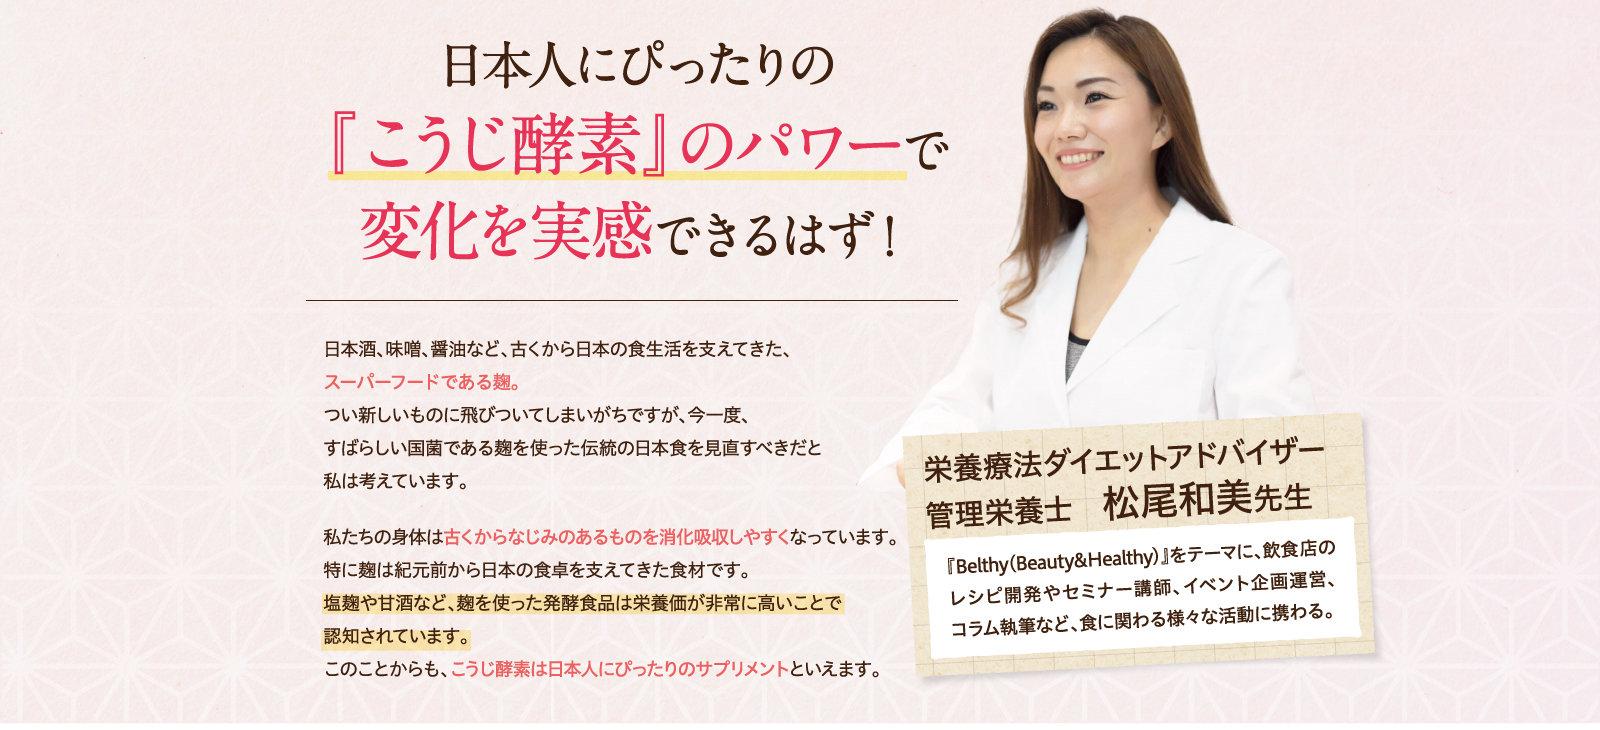 日本人にぴったりの『こうじ酵素』のパワーで変化を実感できるはず!